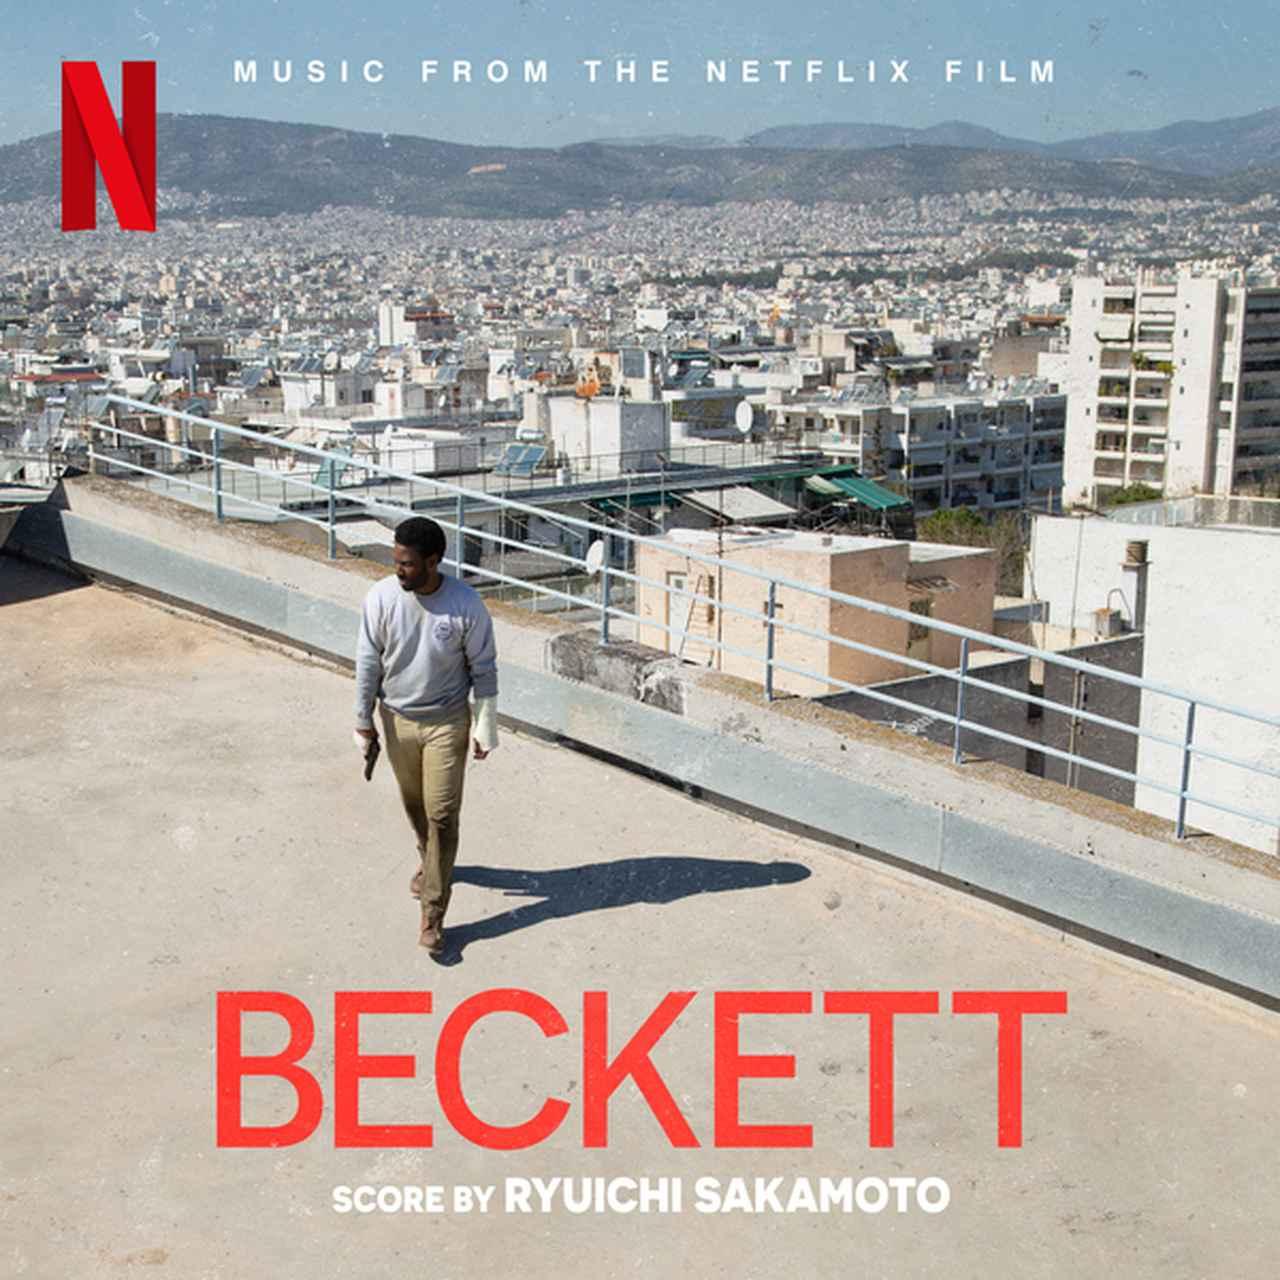 画像: オリジナル・サウンドトラック『Beckett』 / 坂本龍一 on OTOTOY Music Store